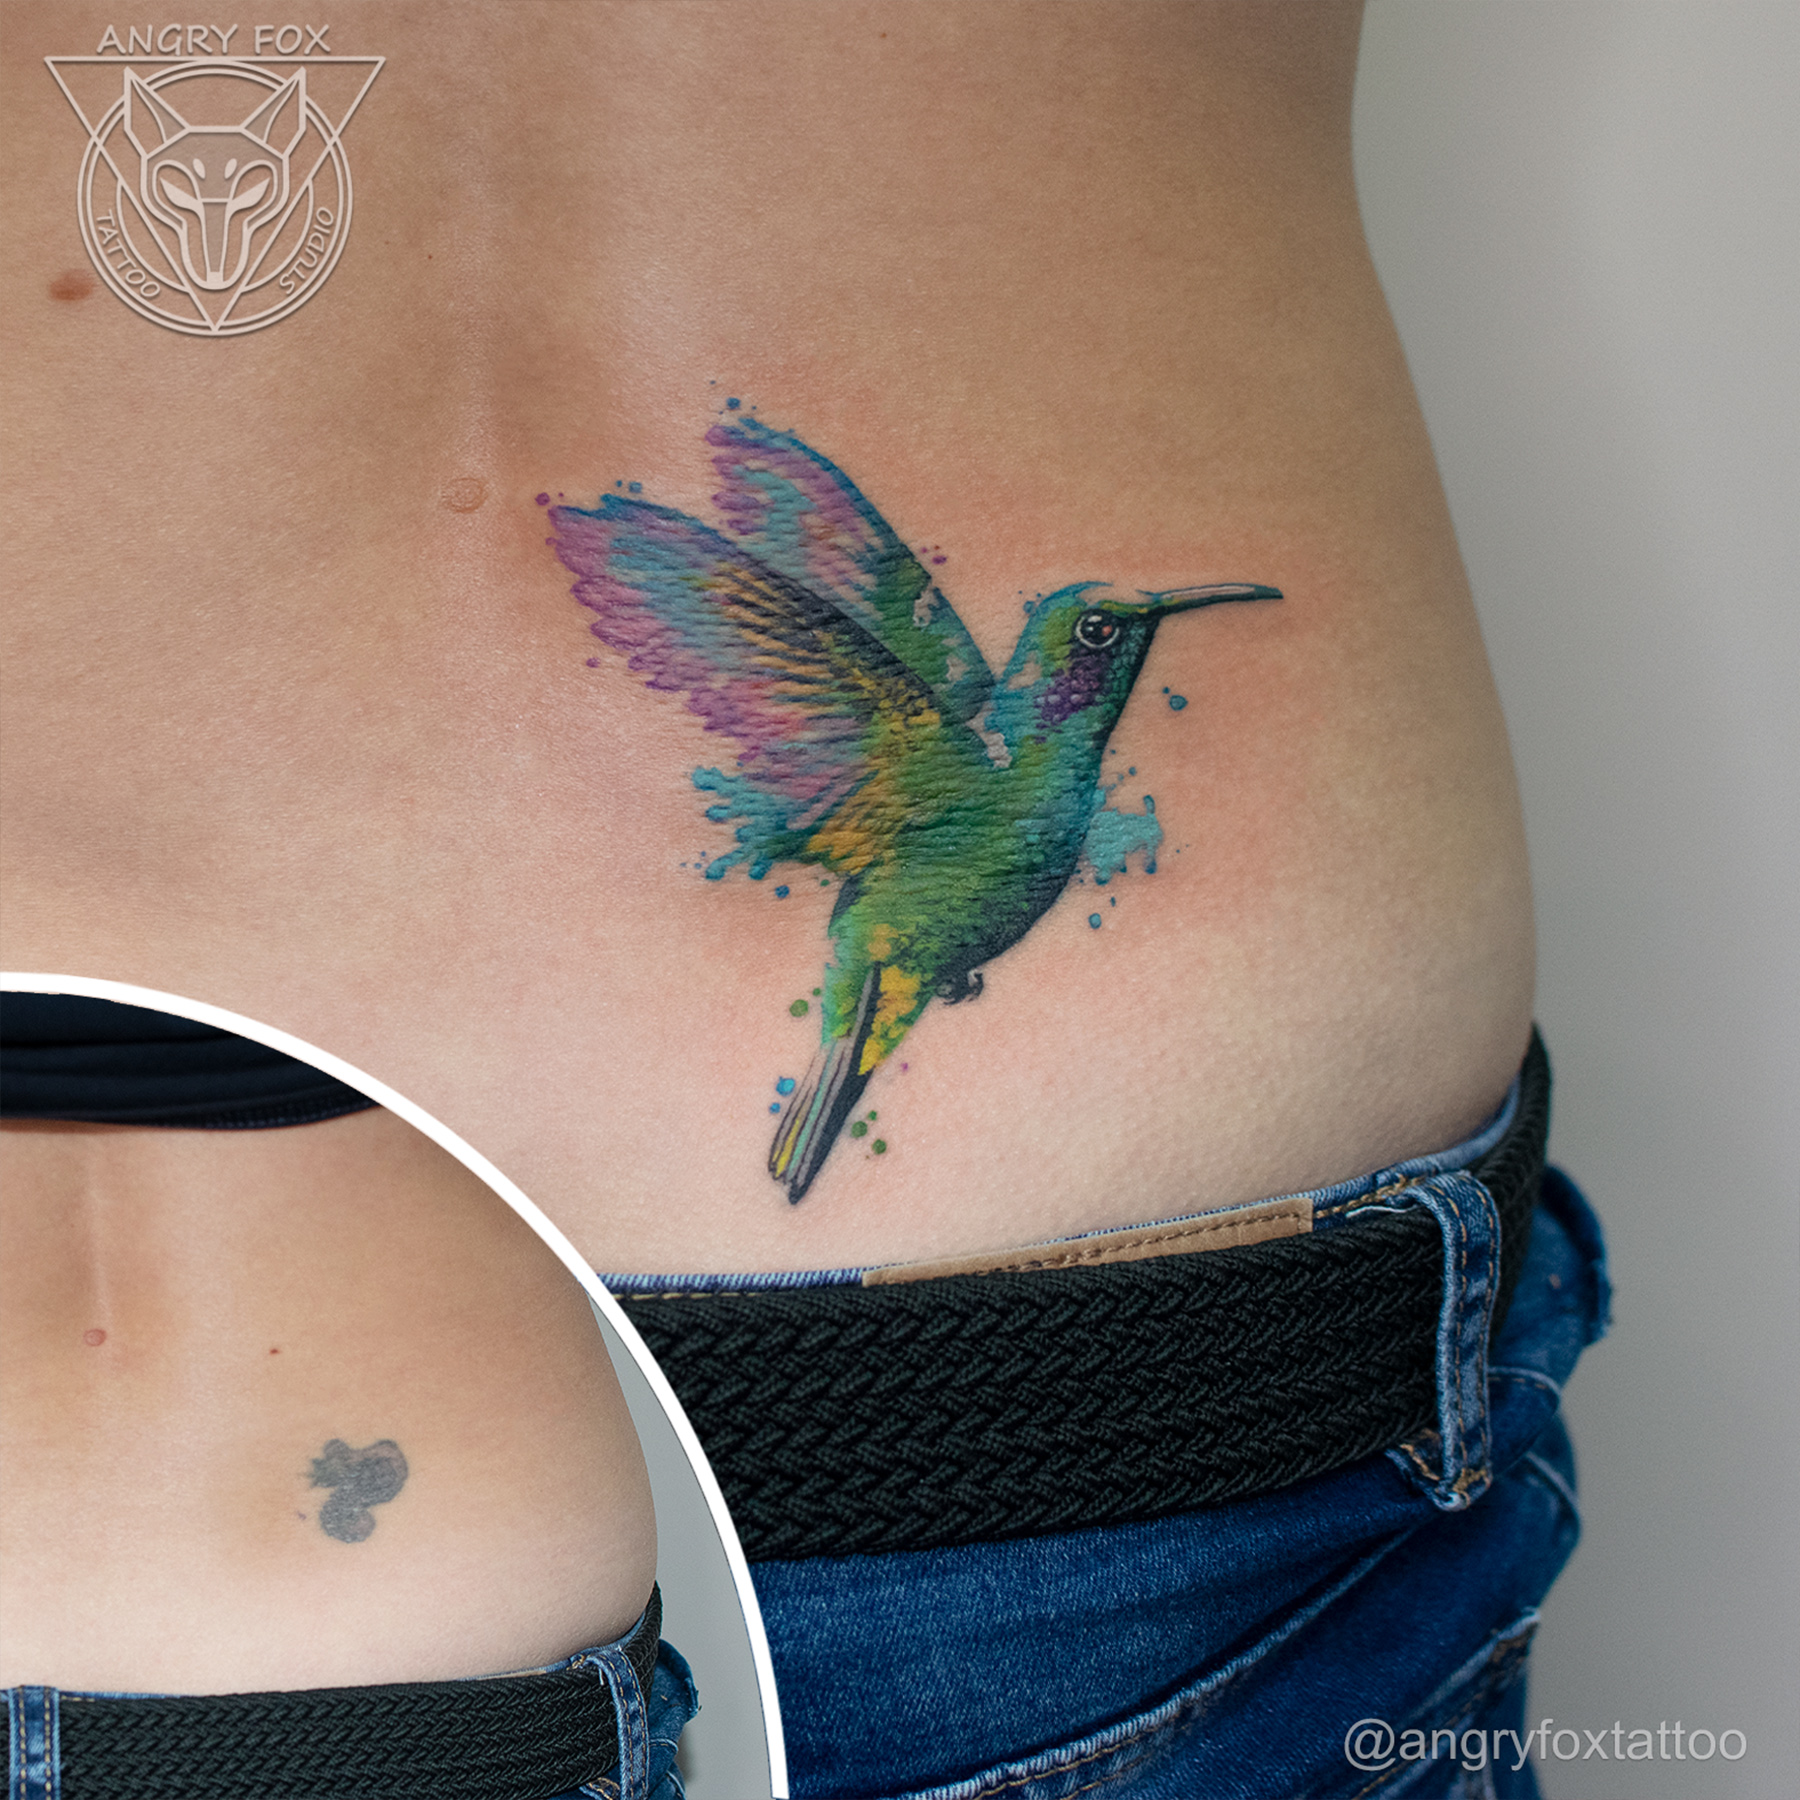 татуировка, тату, каверап, спина, поясница, акварель, колибри, птицы, перекрытие